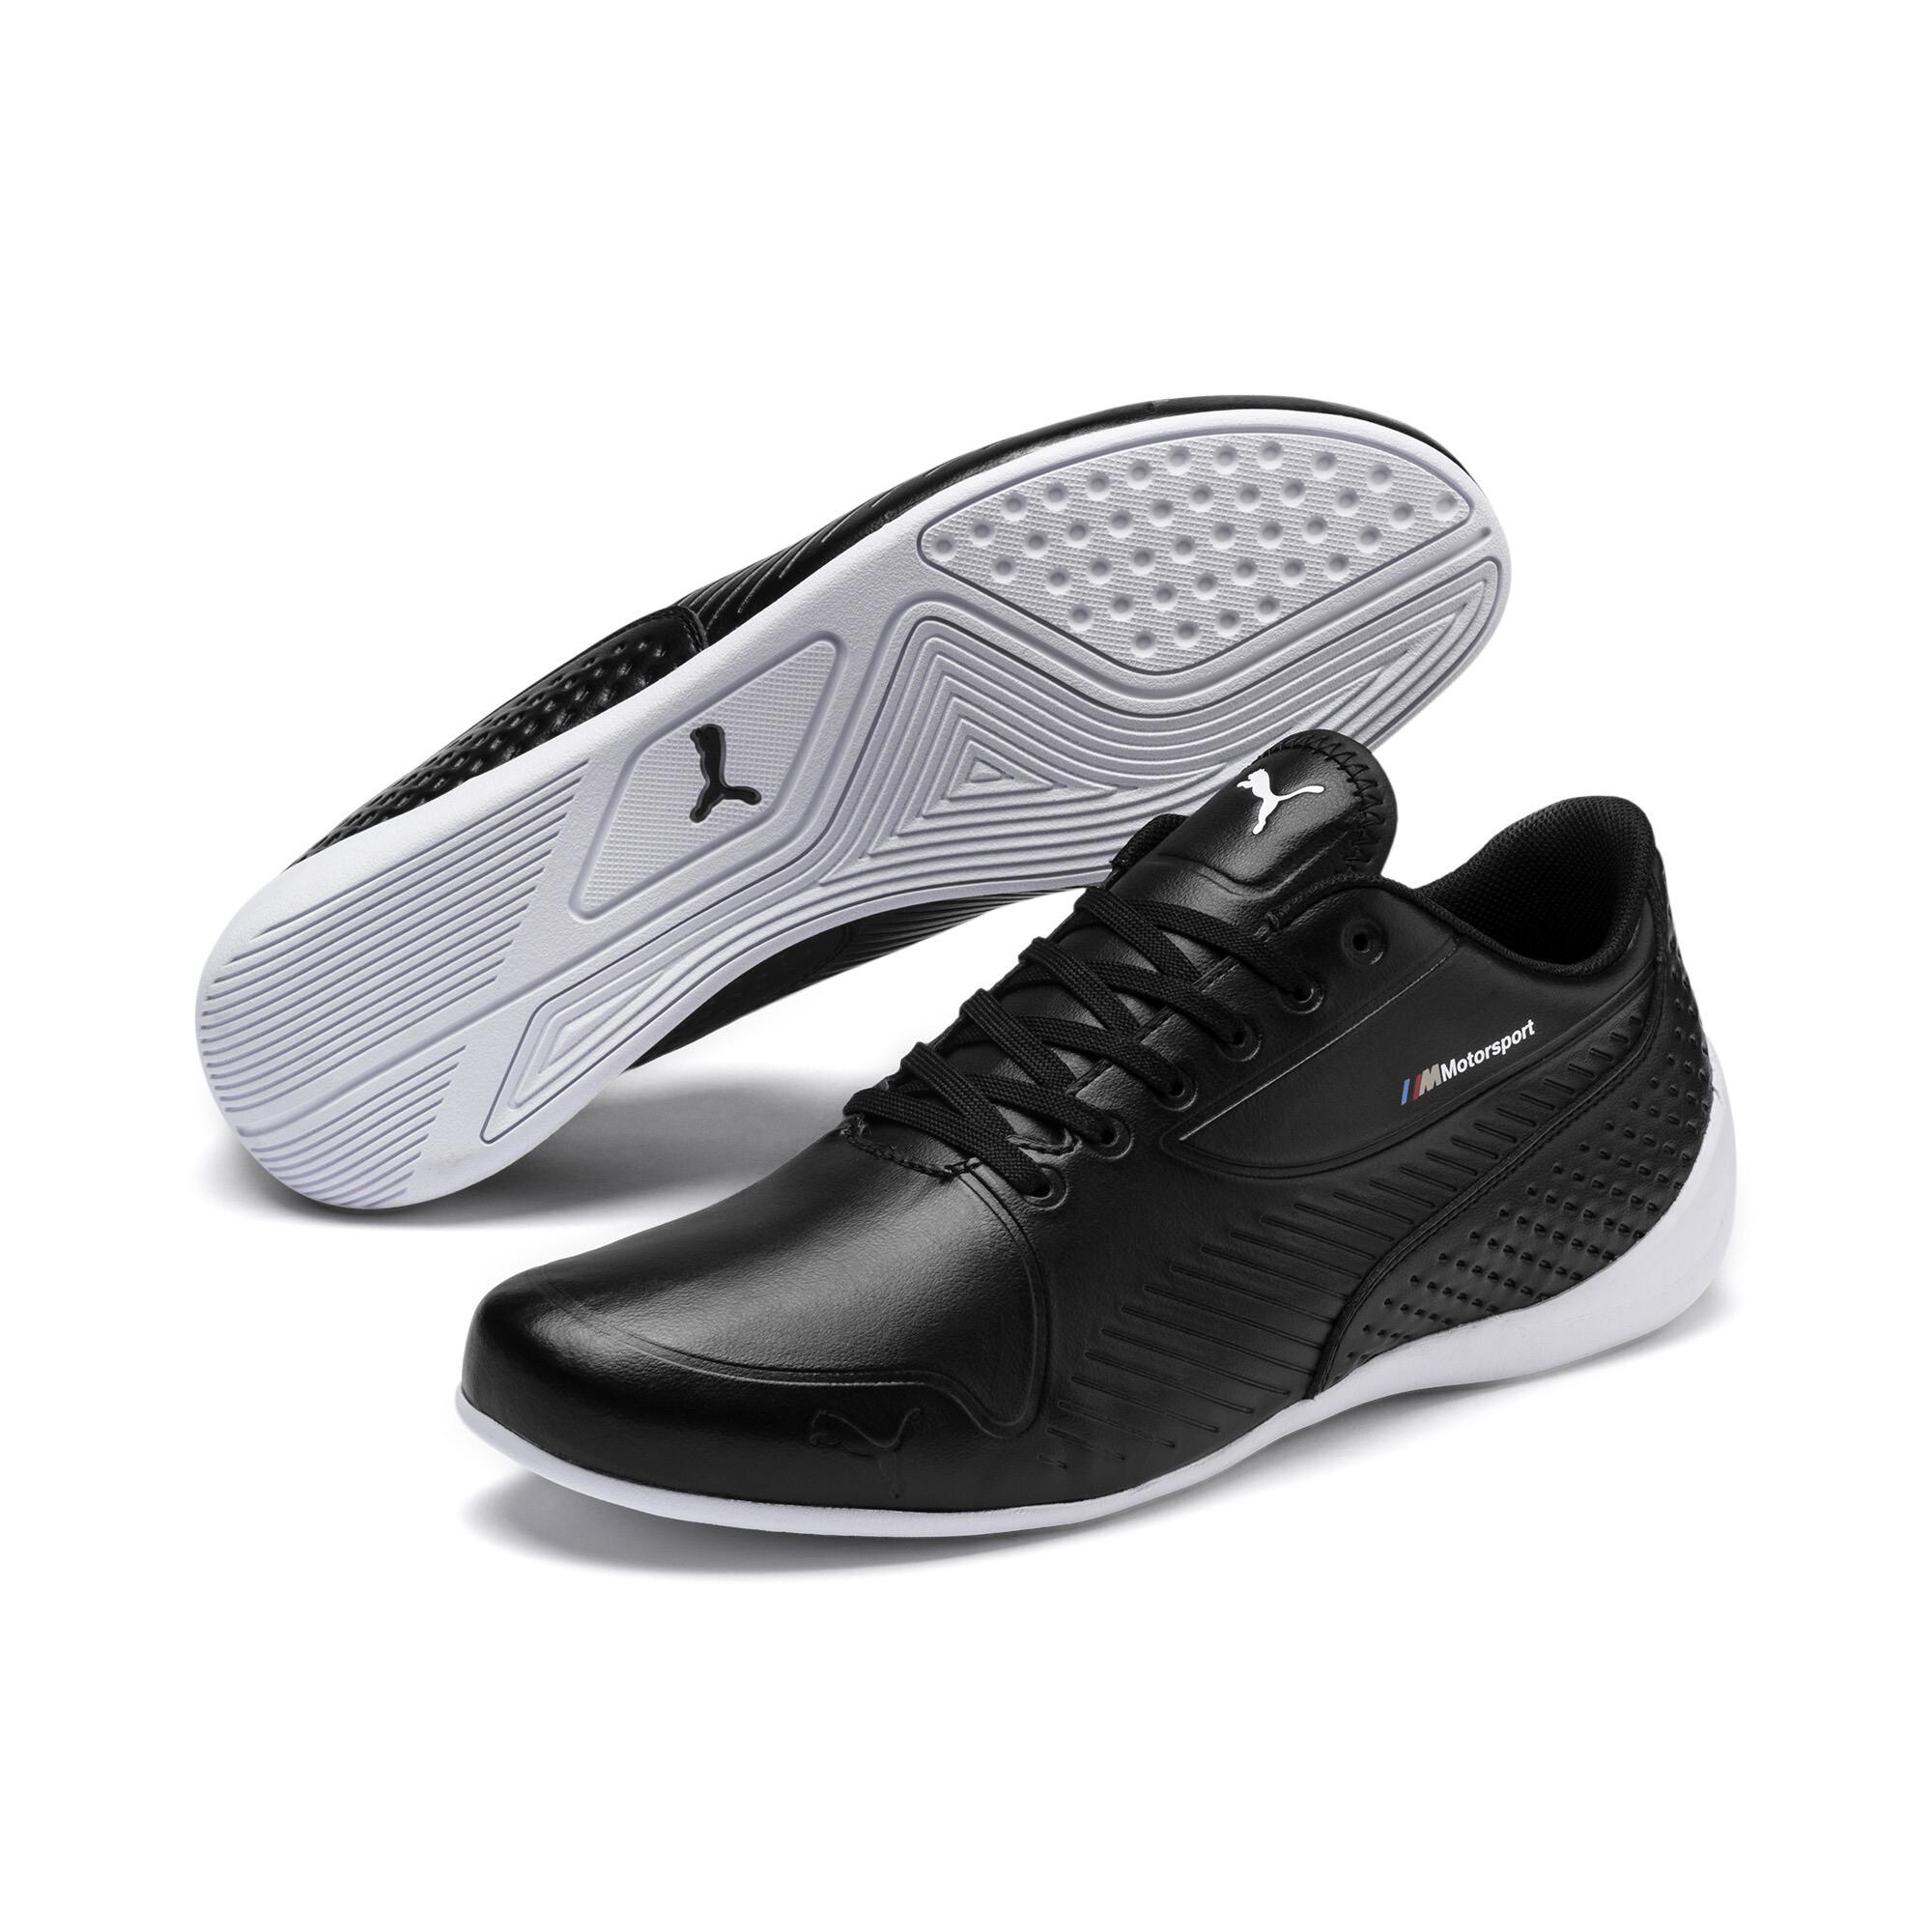 c0779045fa Details about PUMA BMW M Motorsport Drift Cat 7S Ultra Shoes Men Shoe Auto